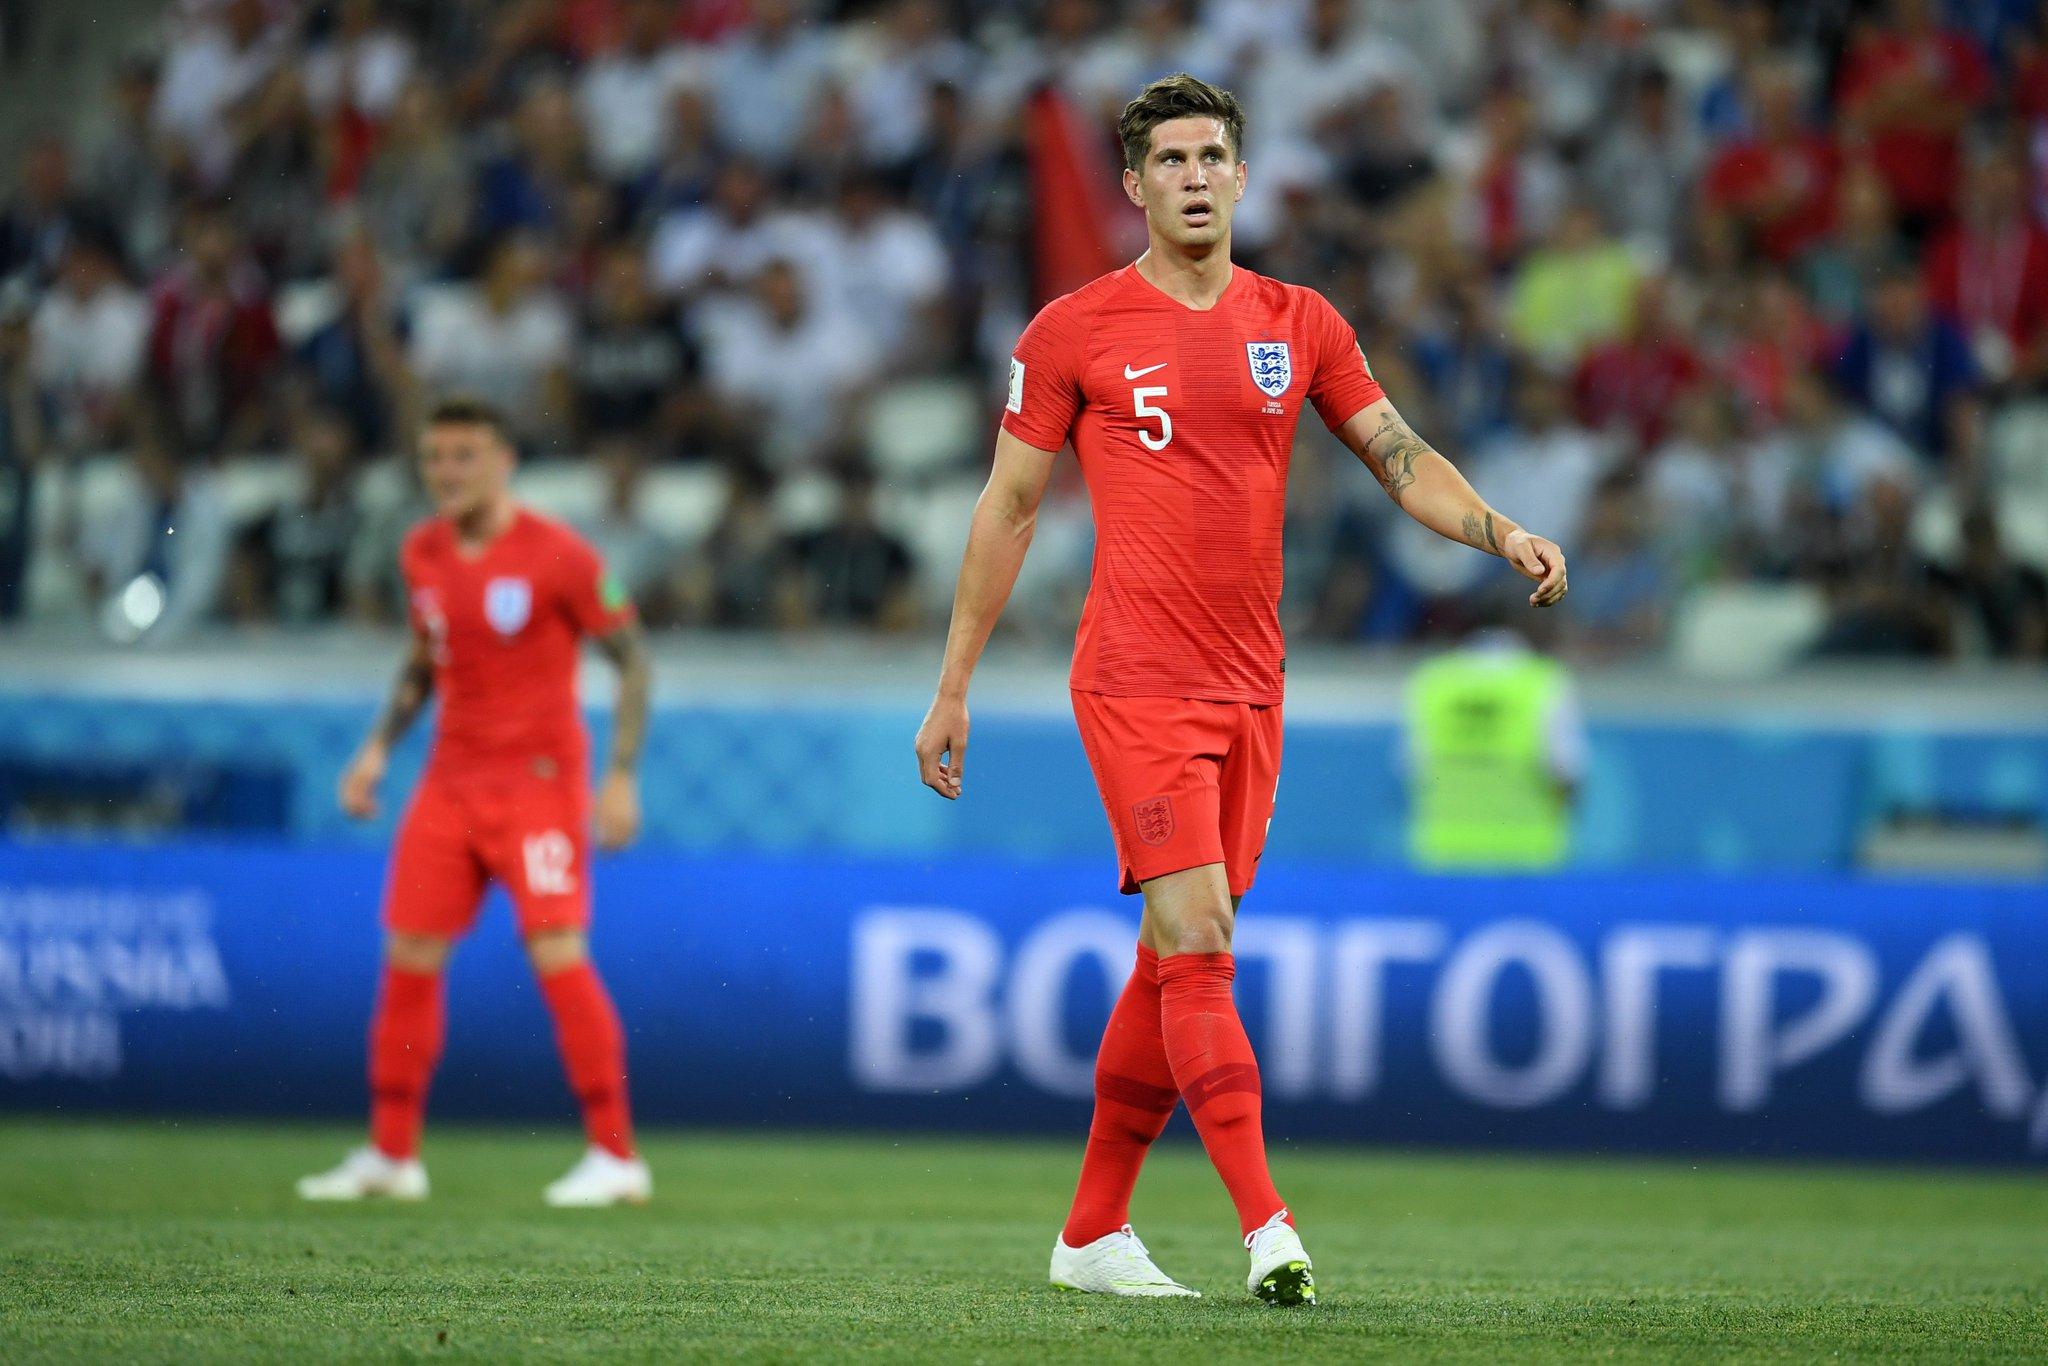 فرصة انجلترا أمام تونس